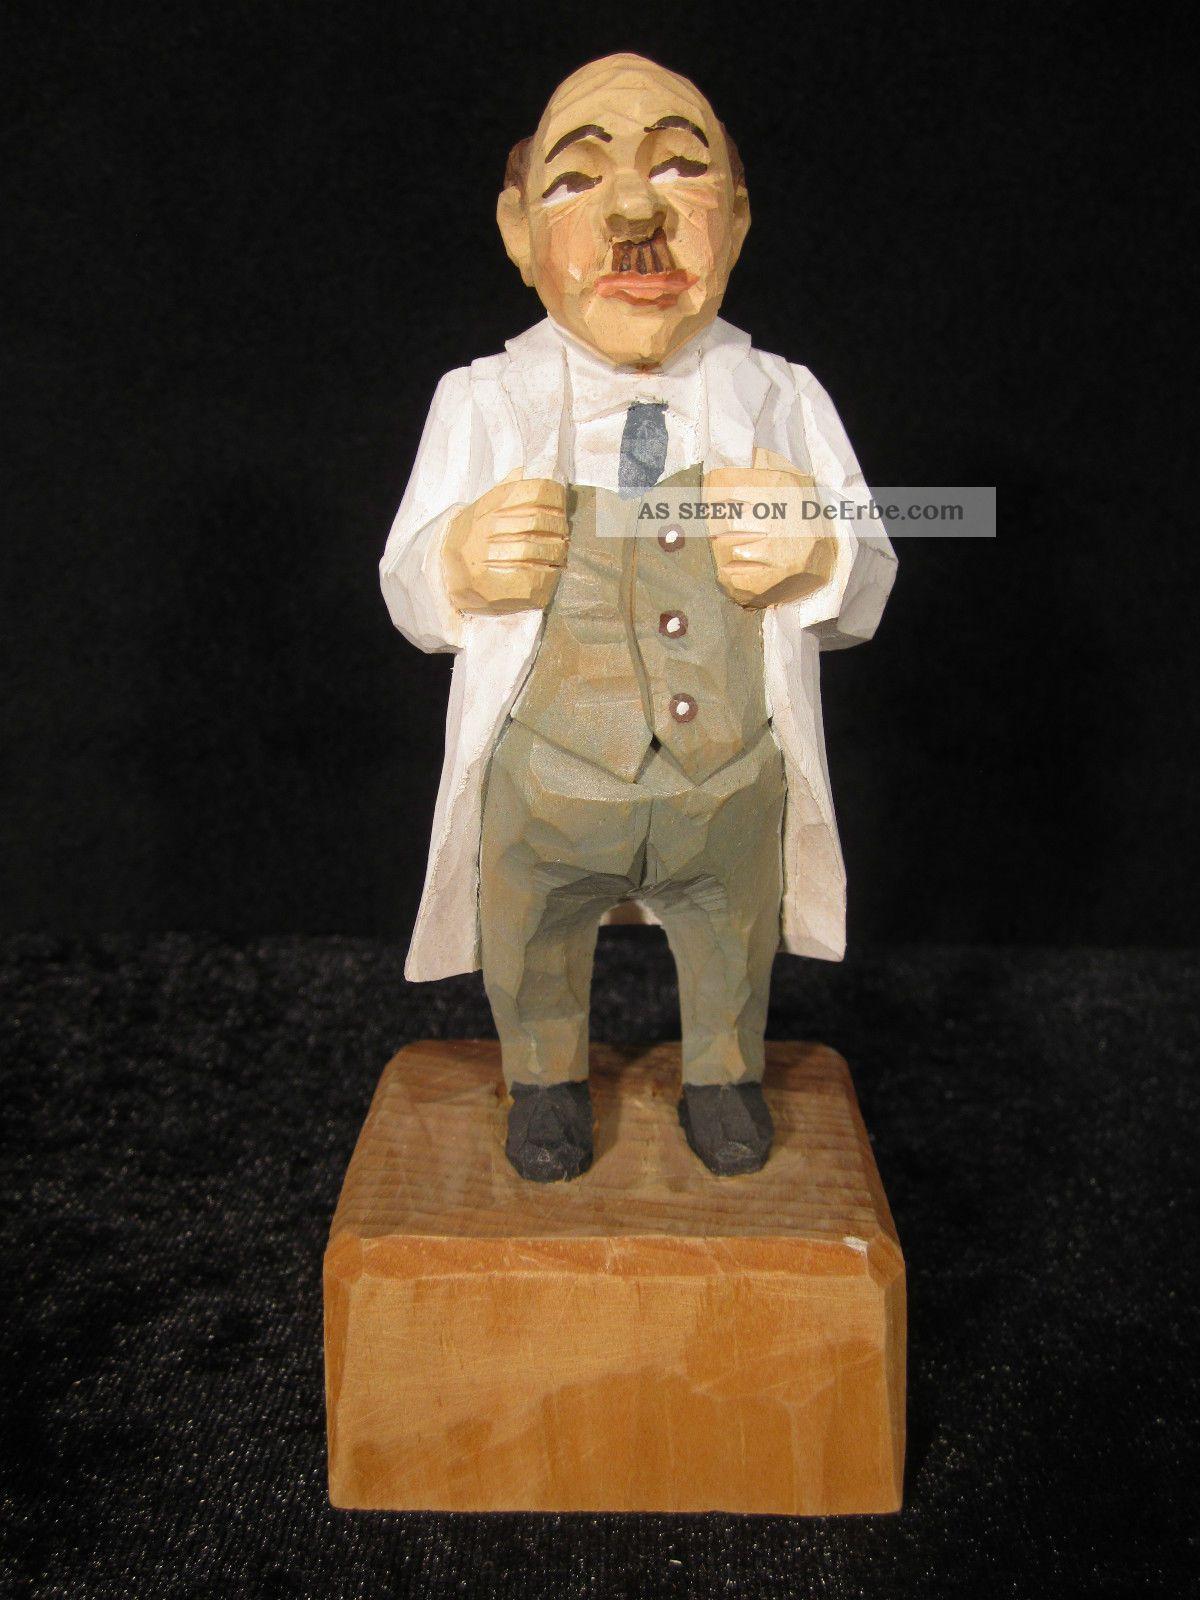 Chef - Arzt,  Handgeschnitzt,  Linde,  Ca.  15 Cm,  Farbig Bemalt,  Der Nächste Bitte. Arzt & Apotheker Bild